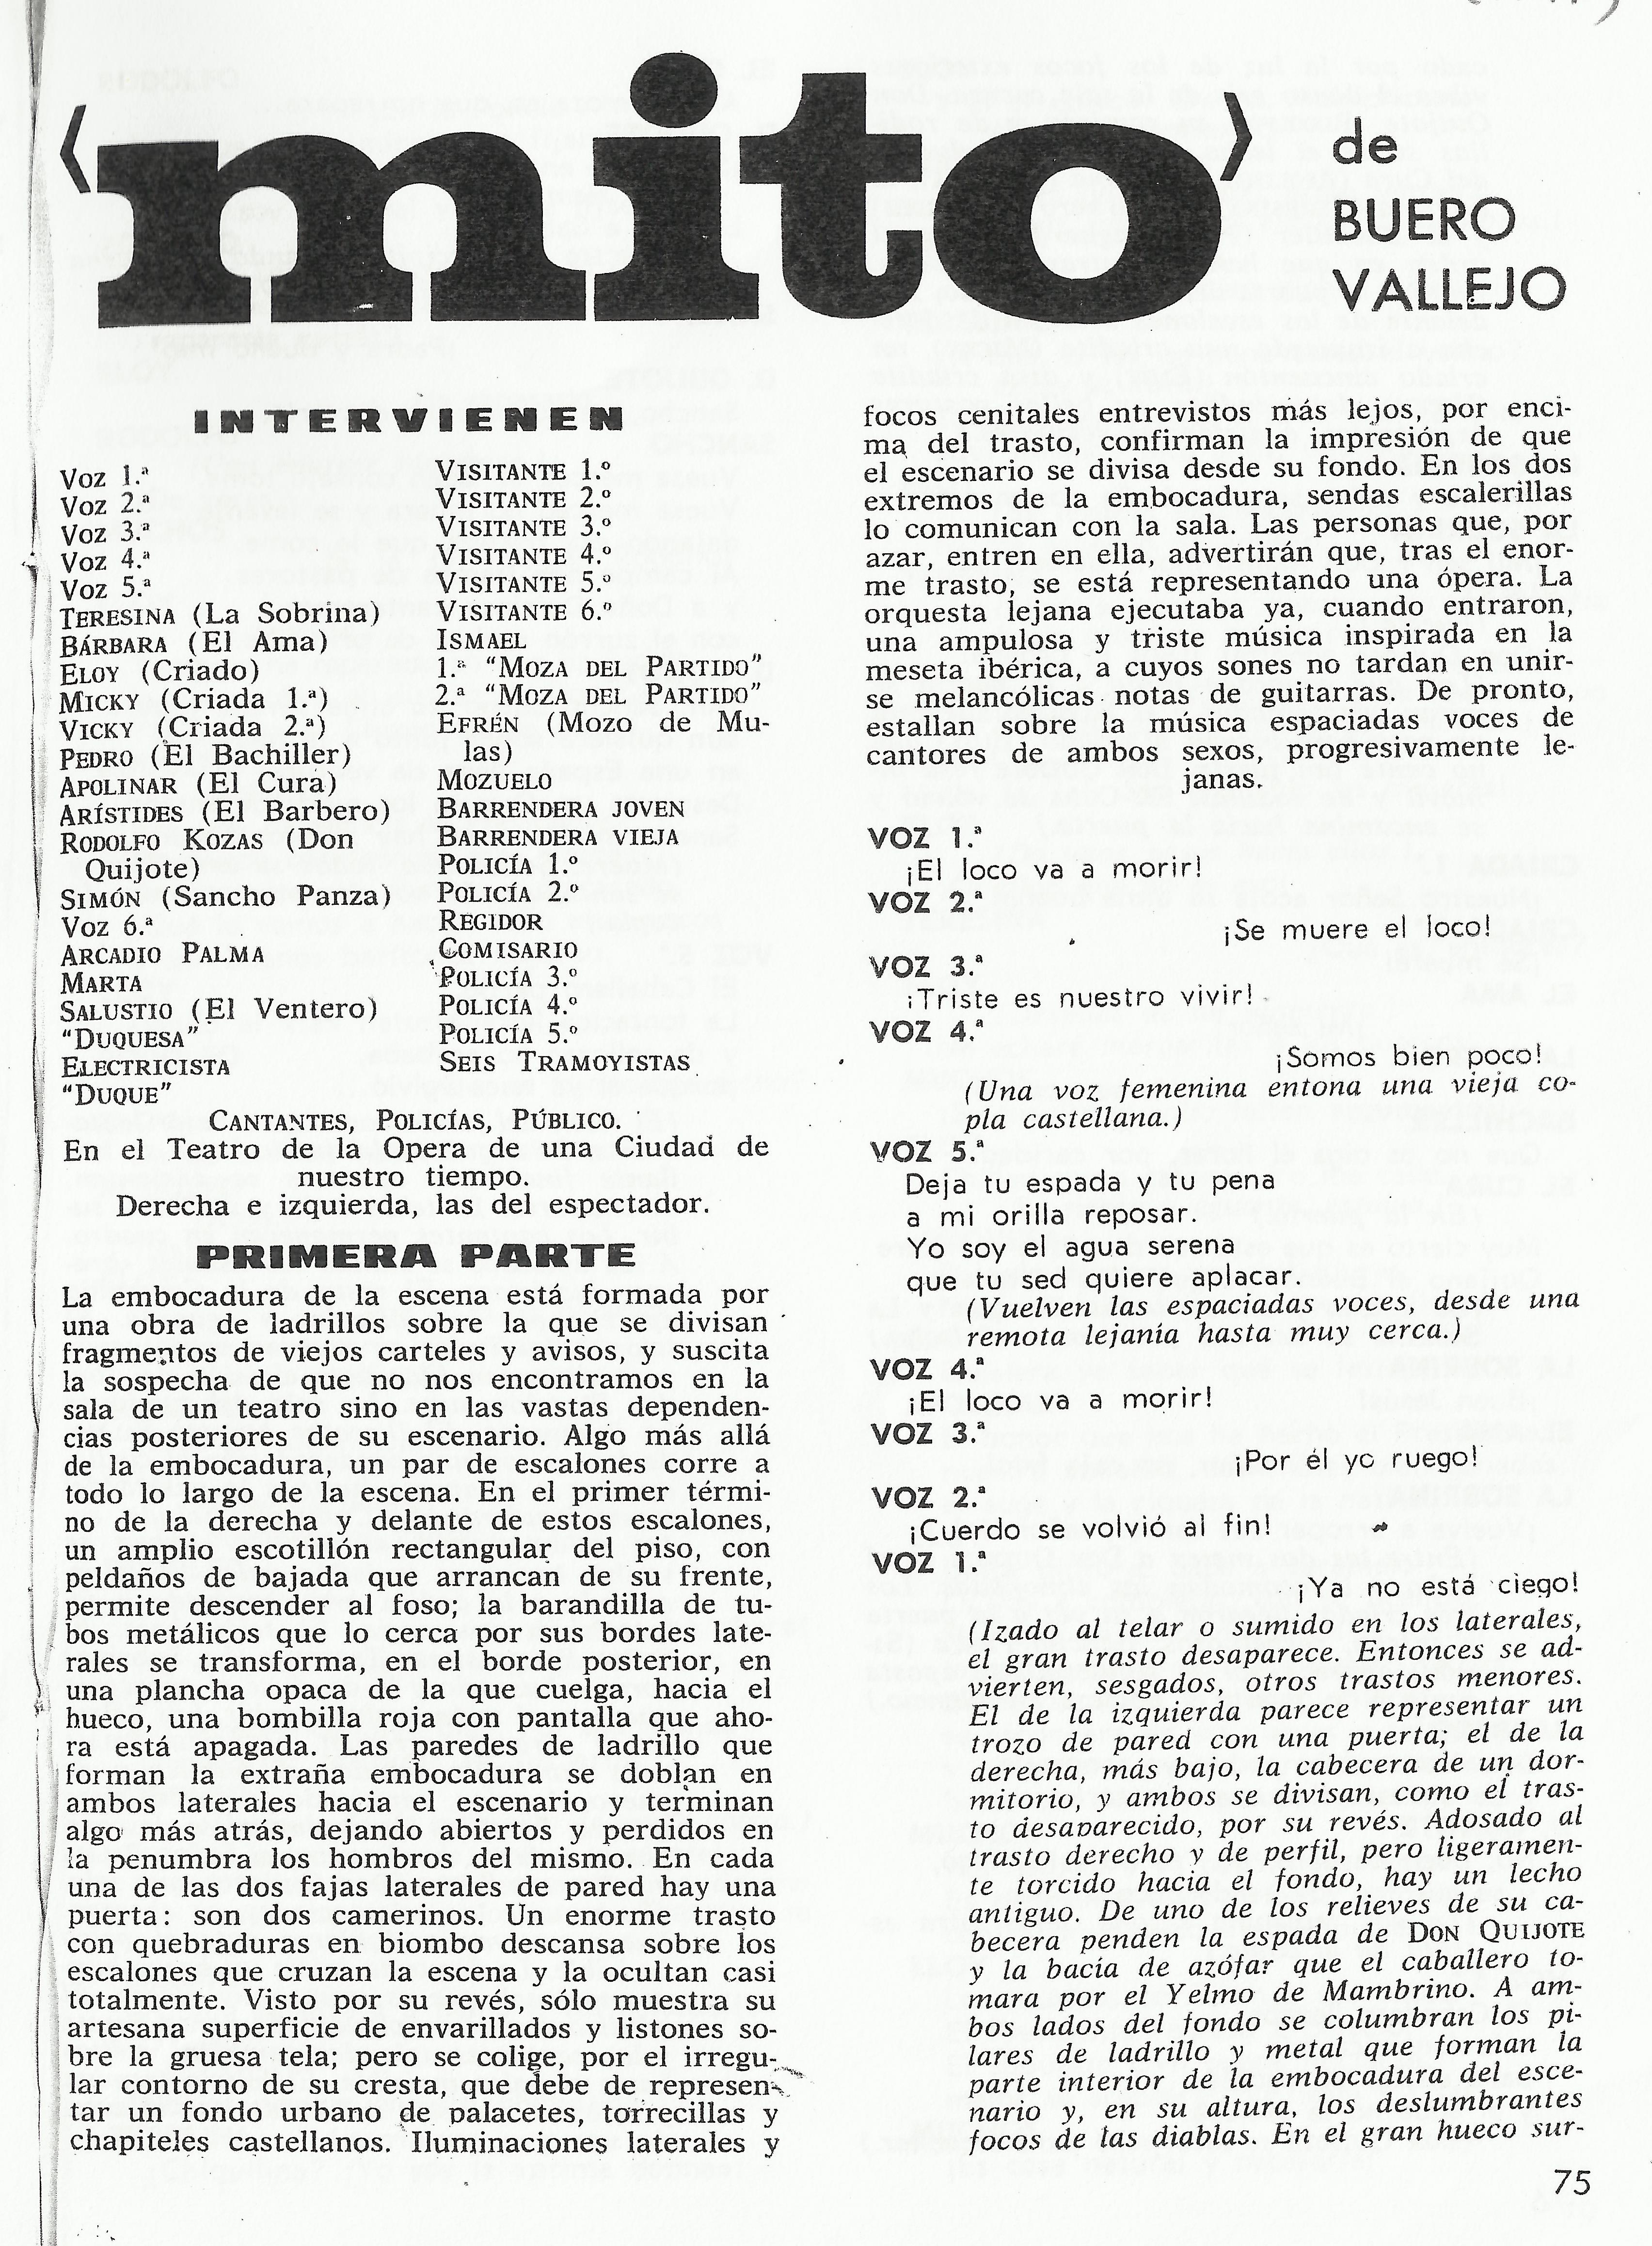 Biografia De Antonio Buero Vallejo